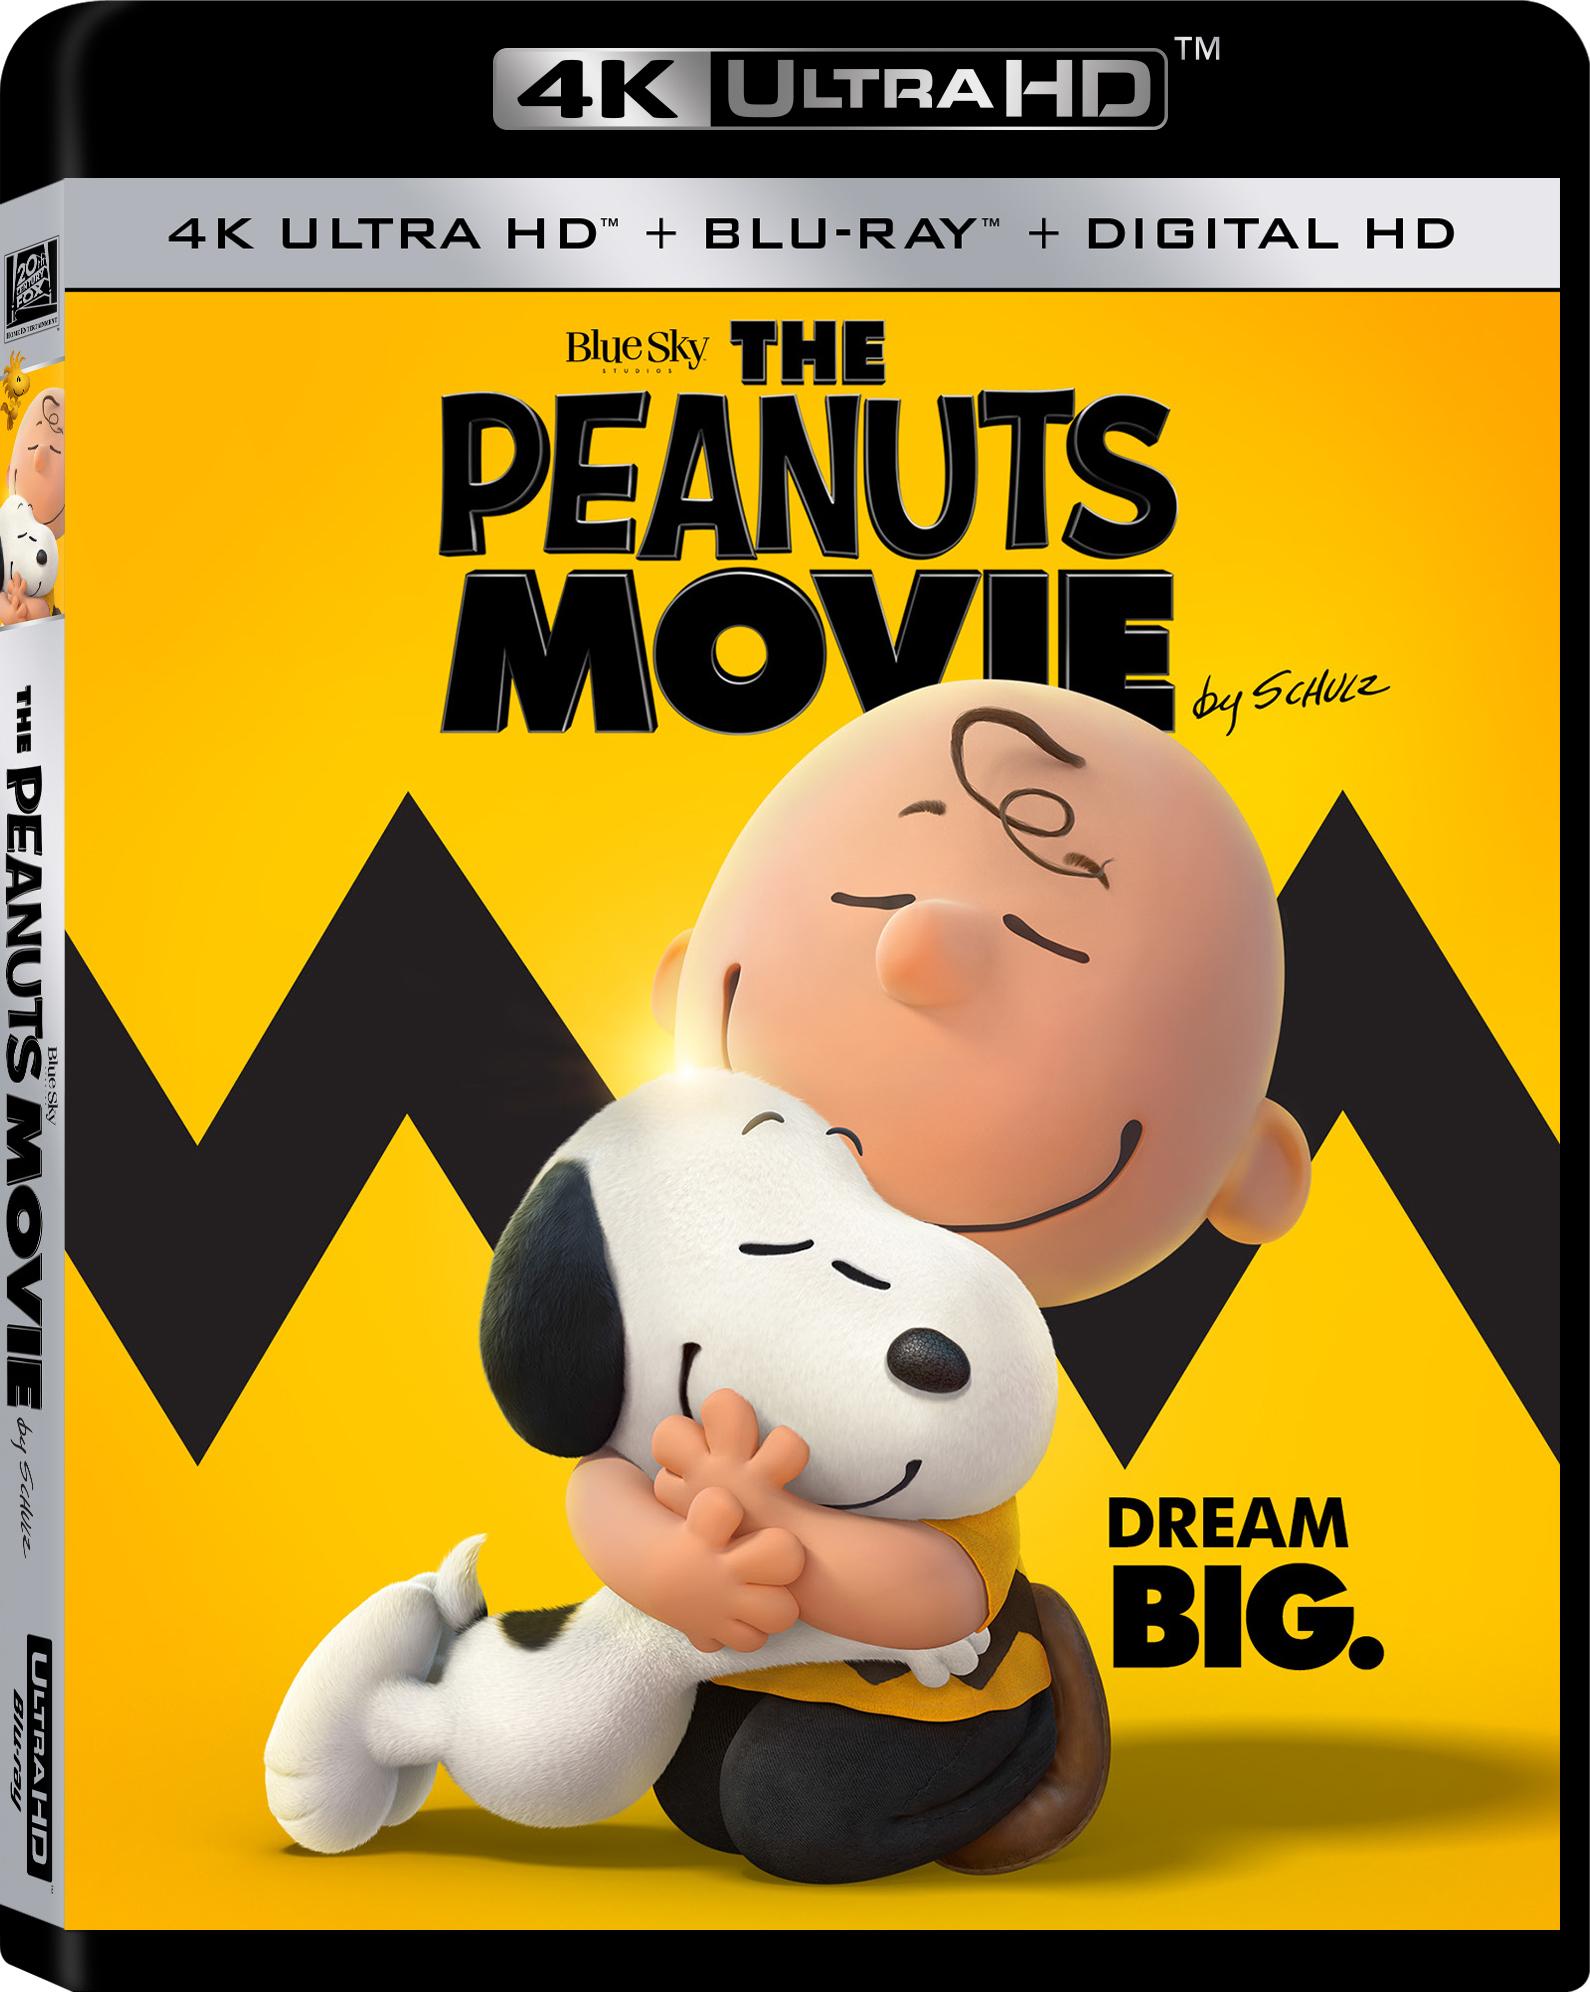 The Peanuts Movie 4K (2015) 4K Ultra HD Blu-ray